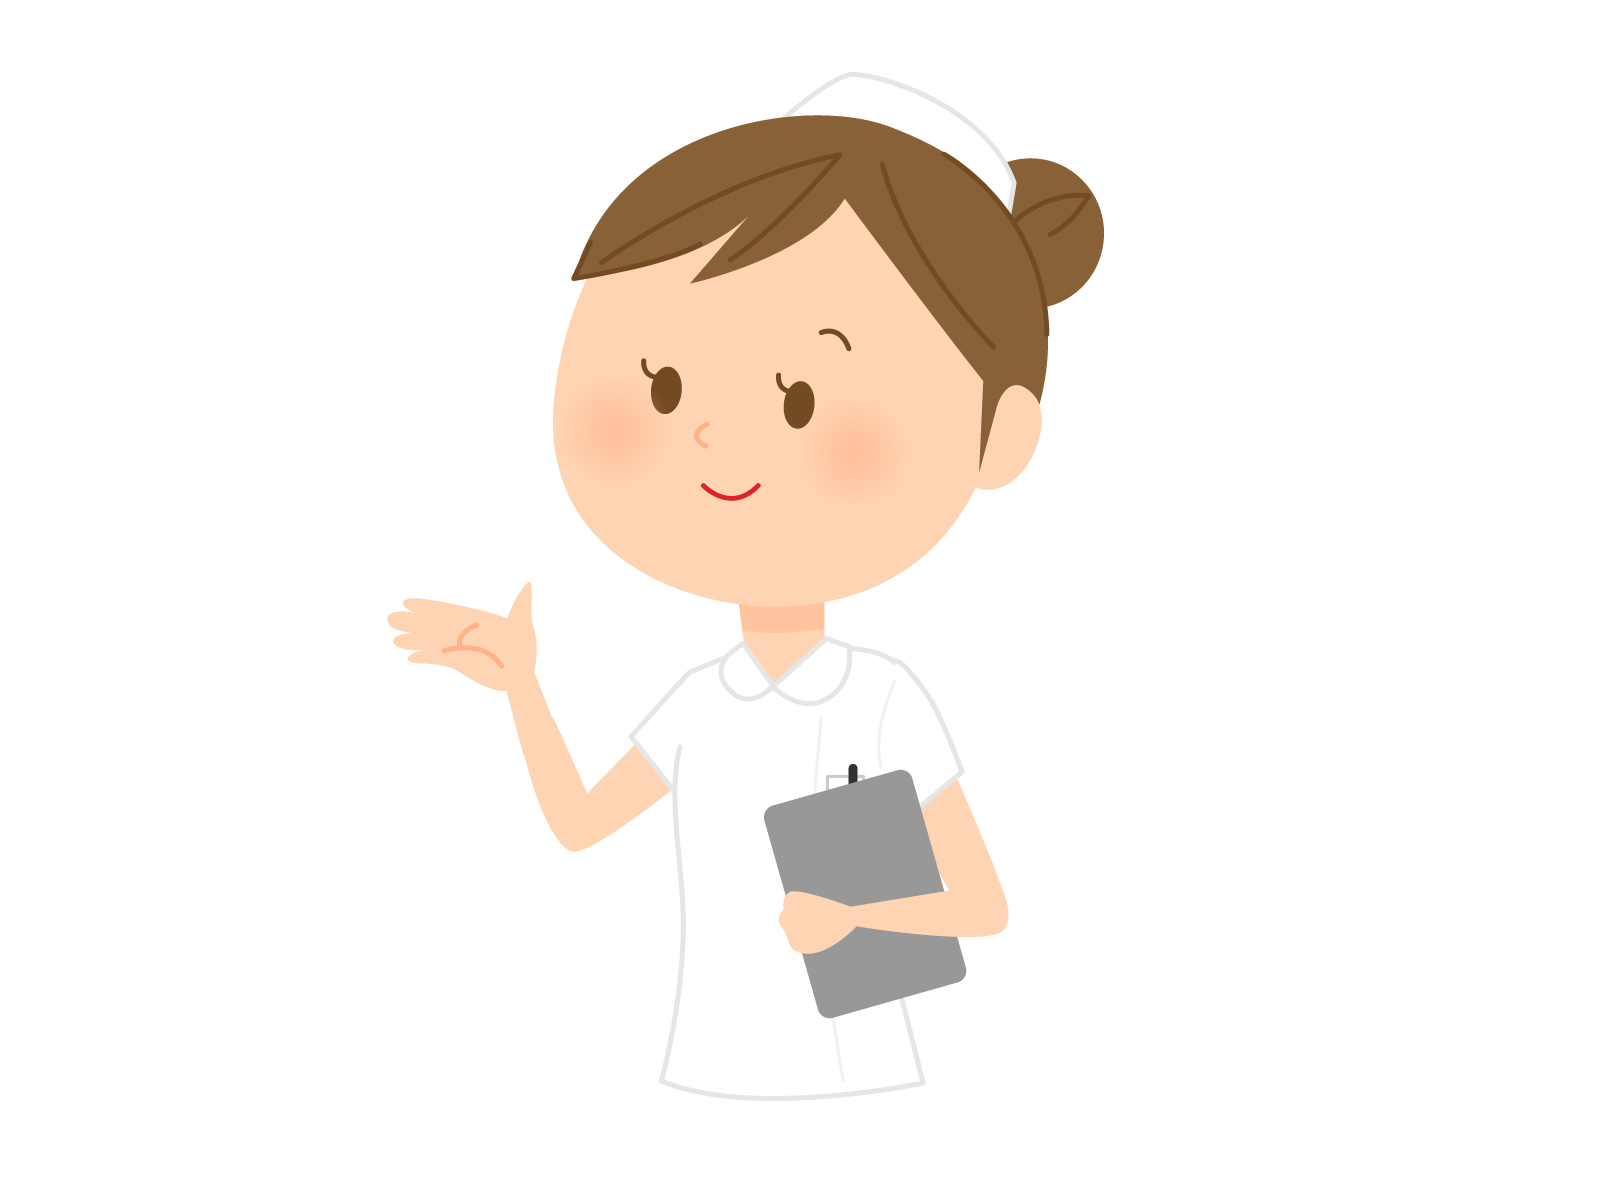 看護師の山崎です。